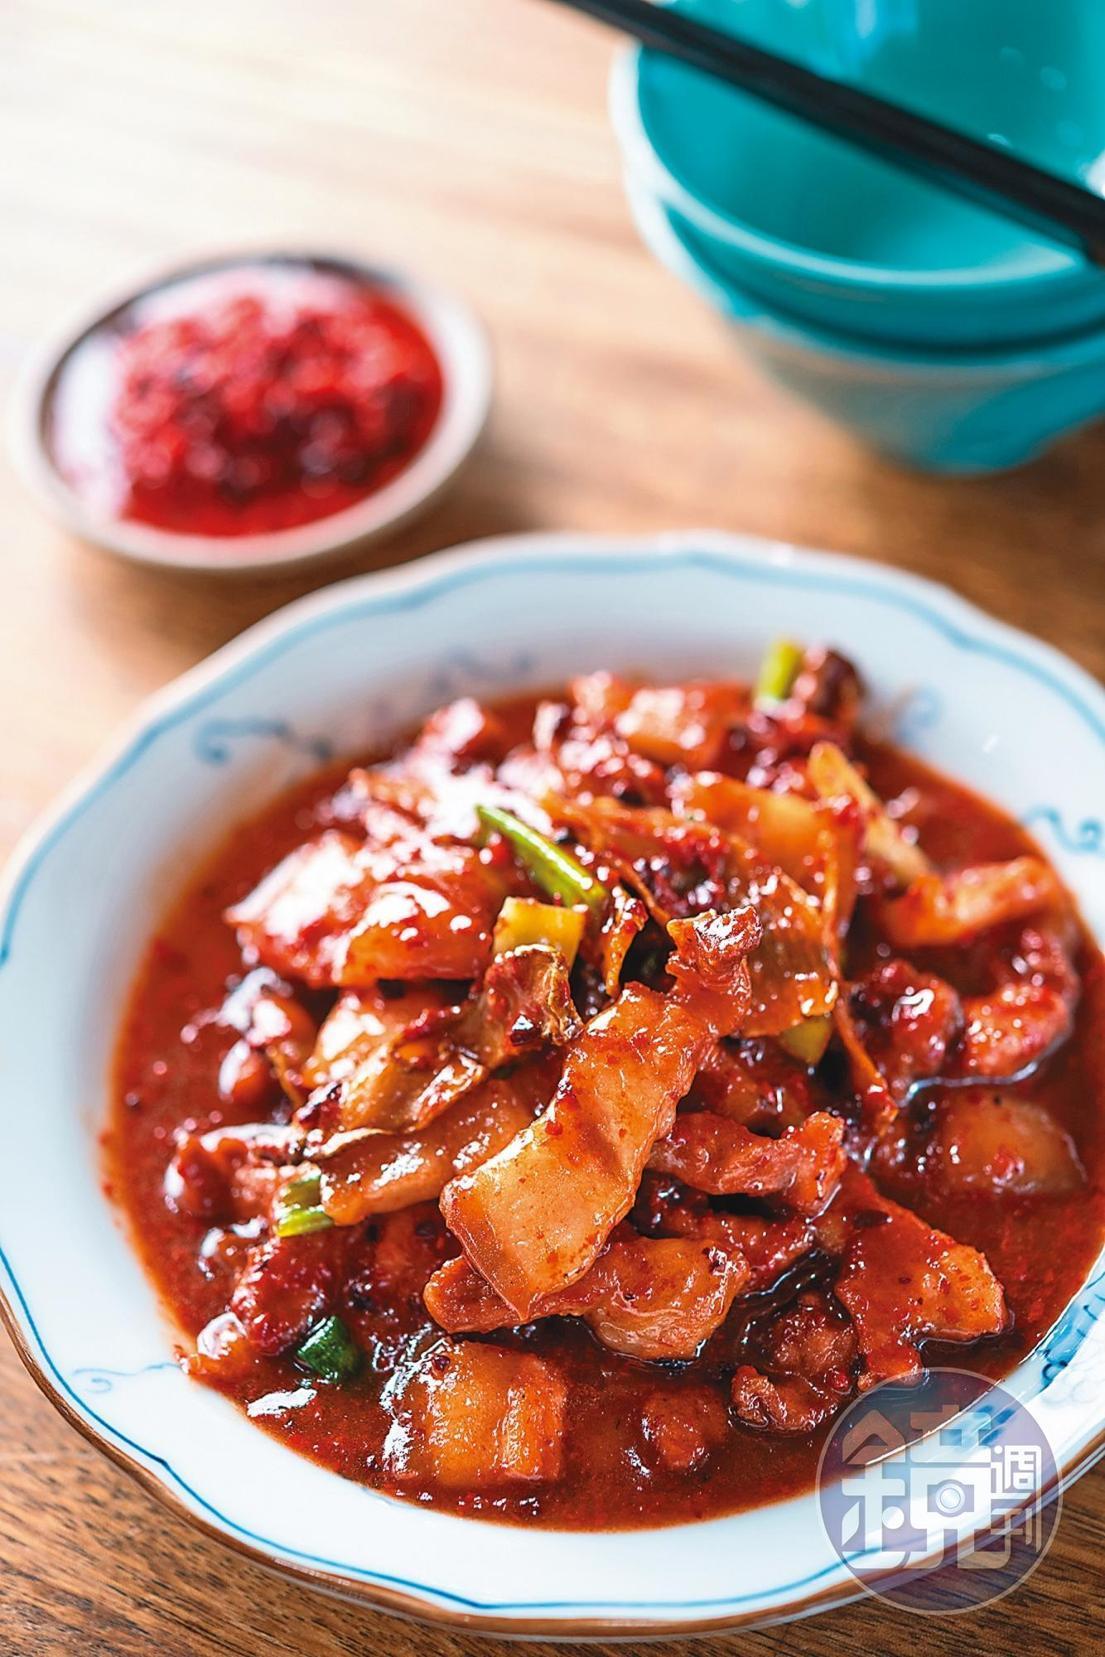 以自家醃製紅糟快炒豬肉的「客家紅糟肉」。(250元/小份)